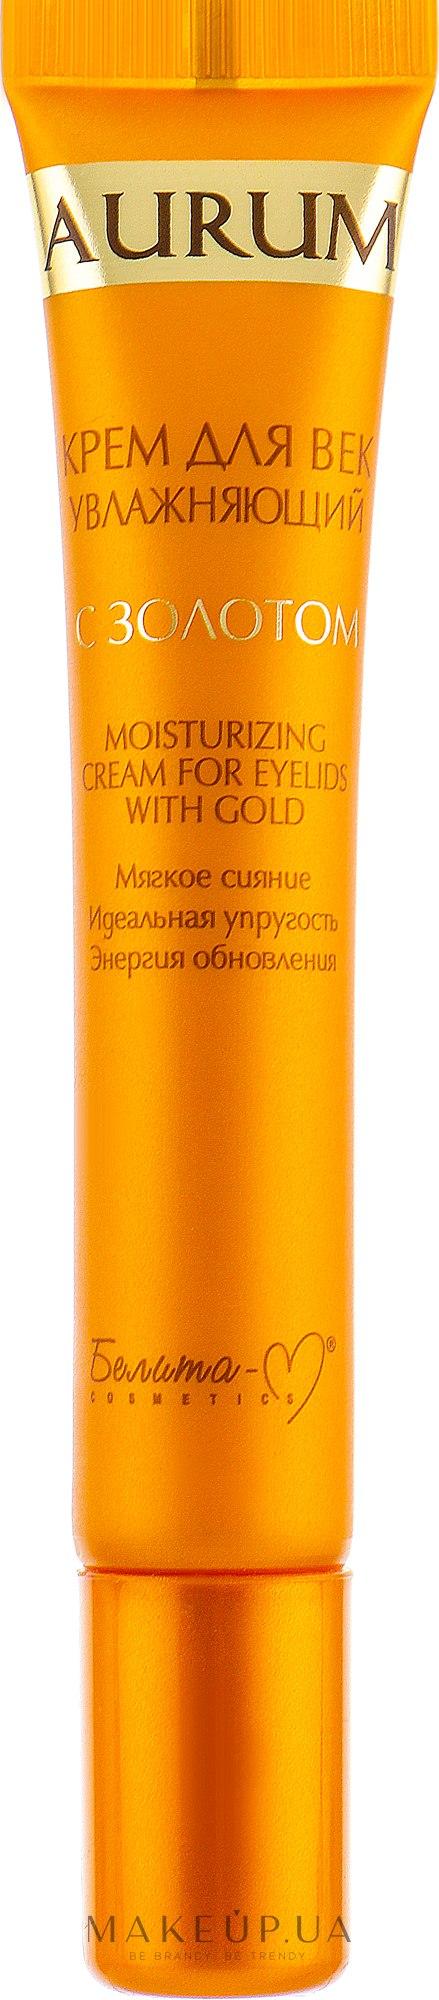 Крем для век увлажняющий с золотом - Белита-М Aurum — фото 20g